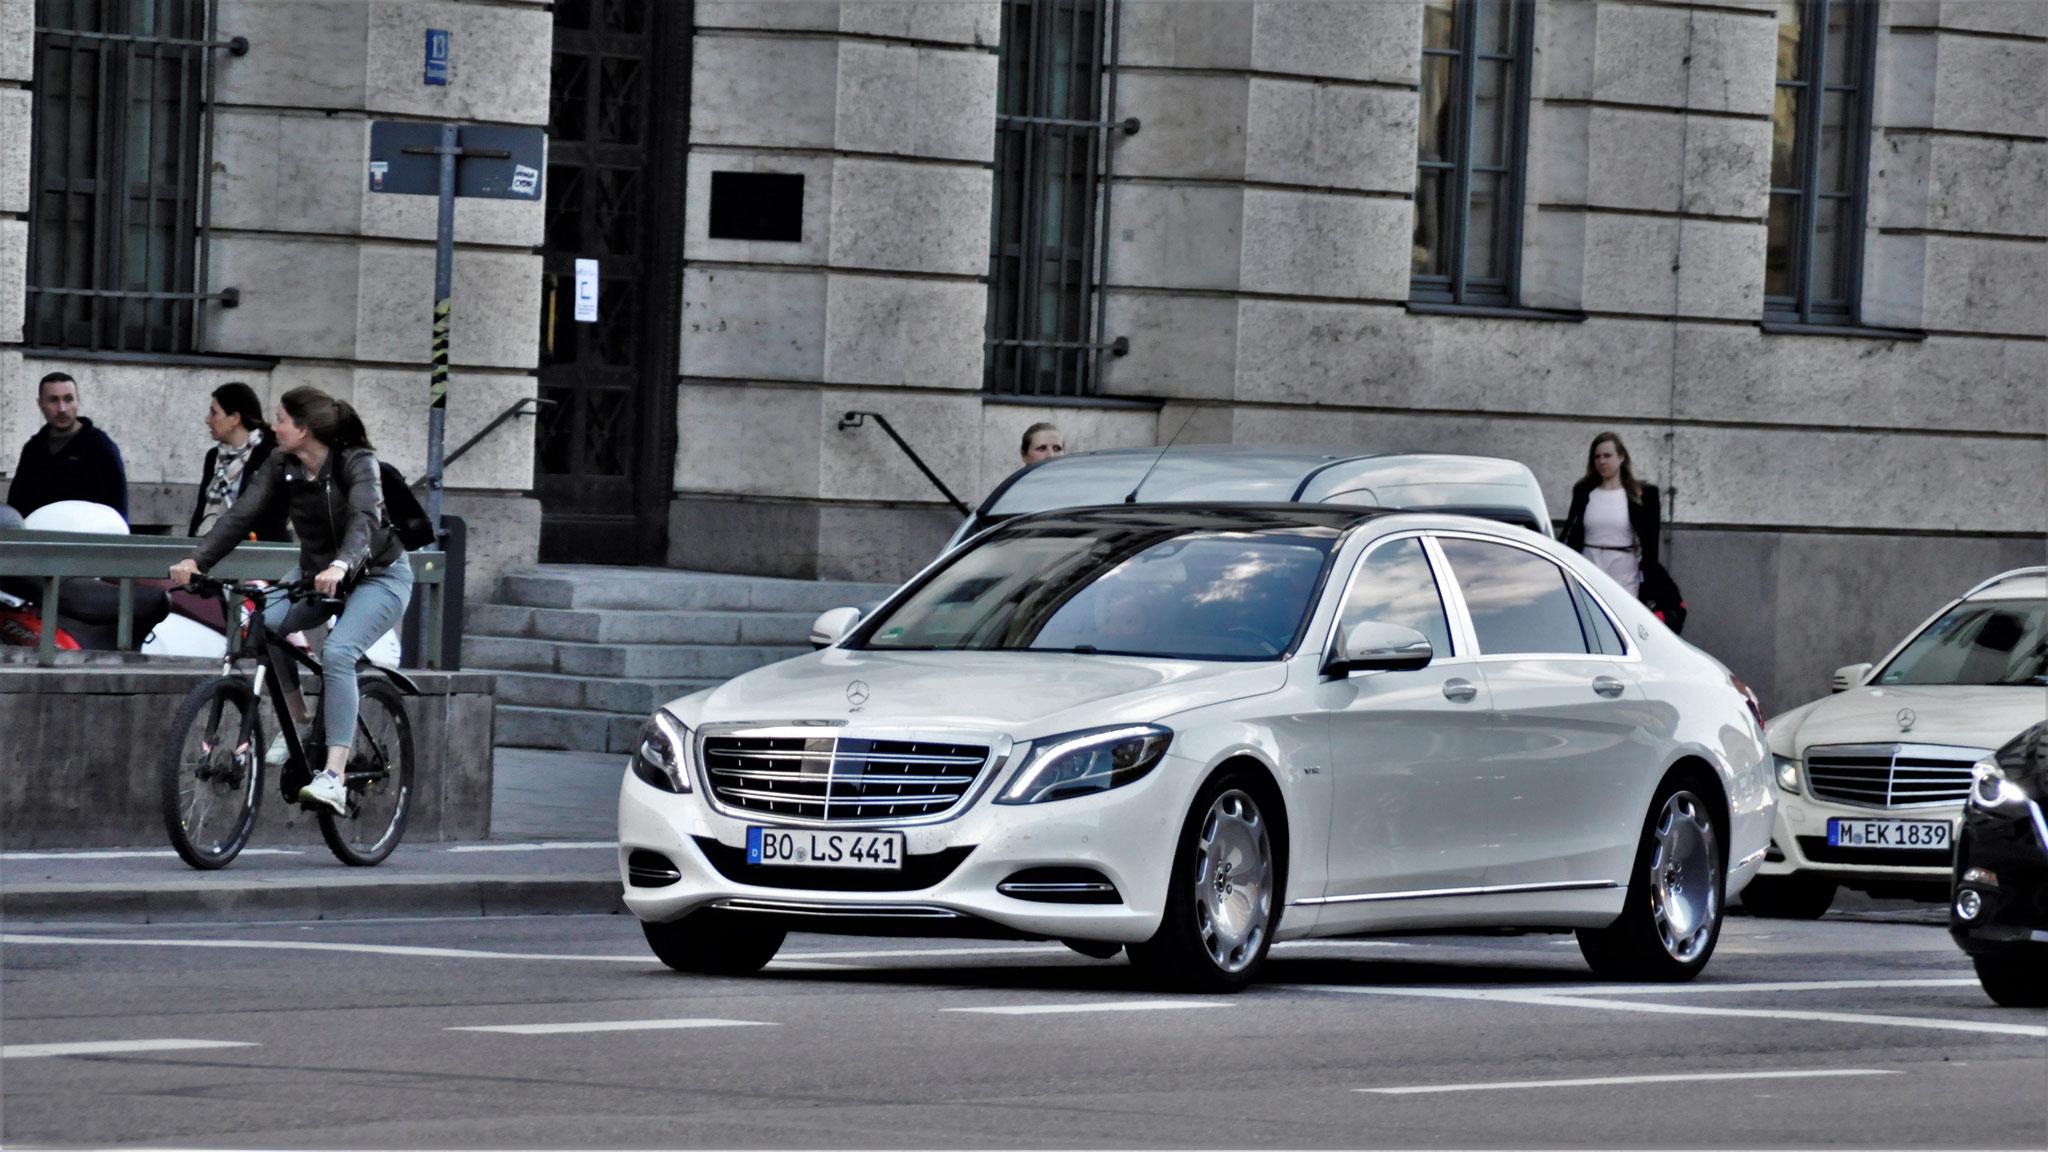 Mercedes Maybach S600 - BO-LS-441